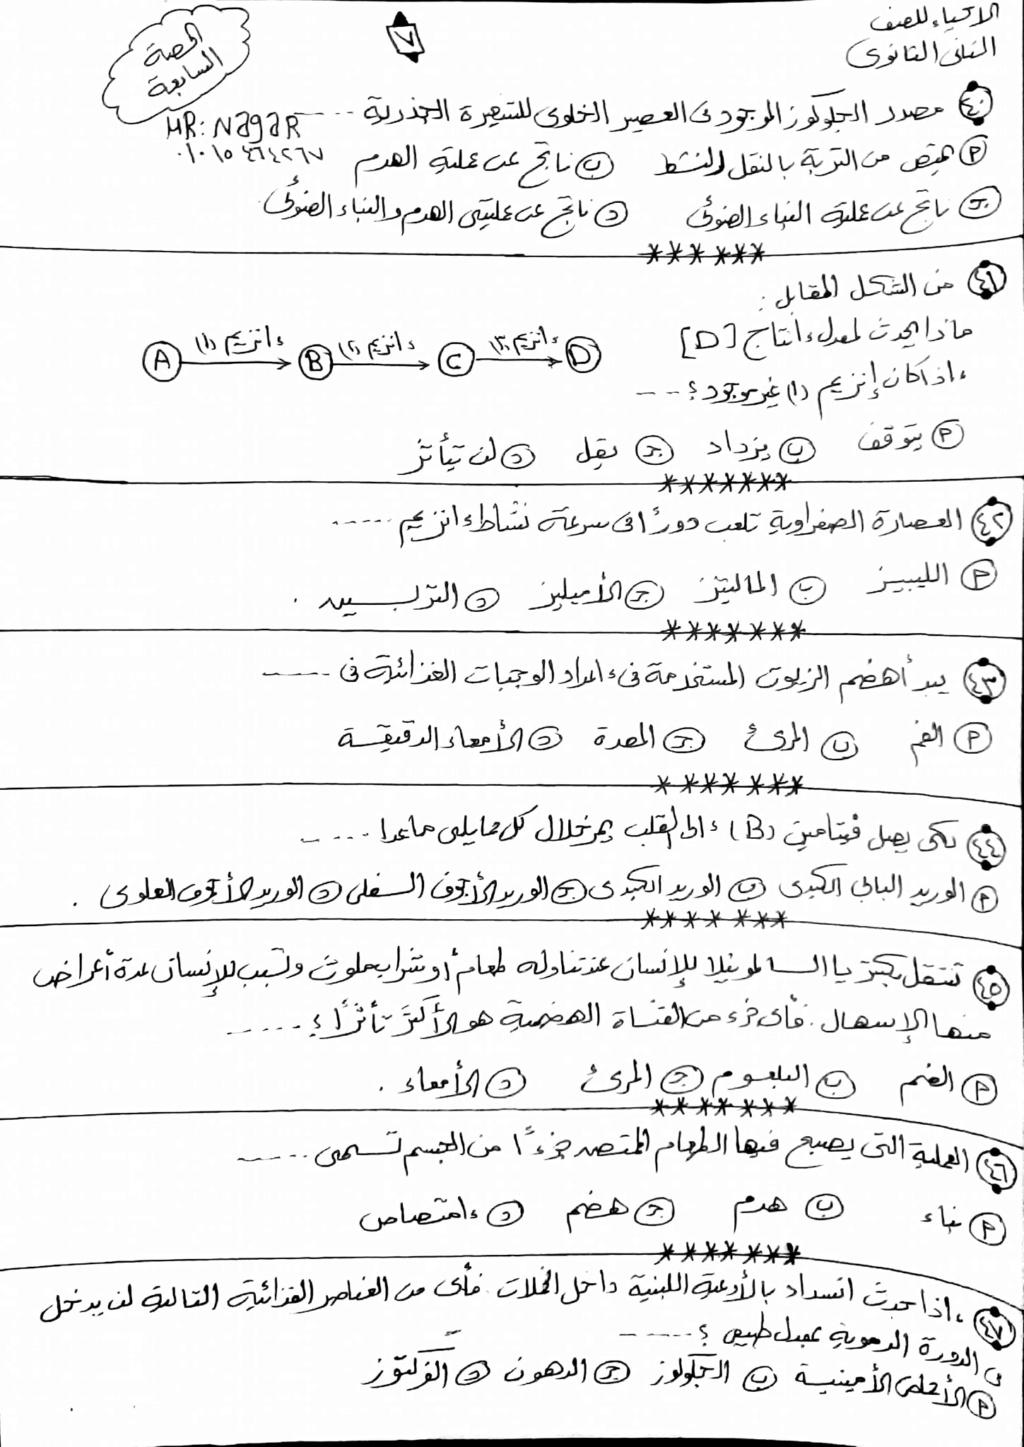 إمتحان شامل على الفصل الأول - احياء 2 ثانوي نظام جديد بالحل 7563